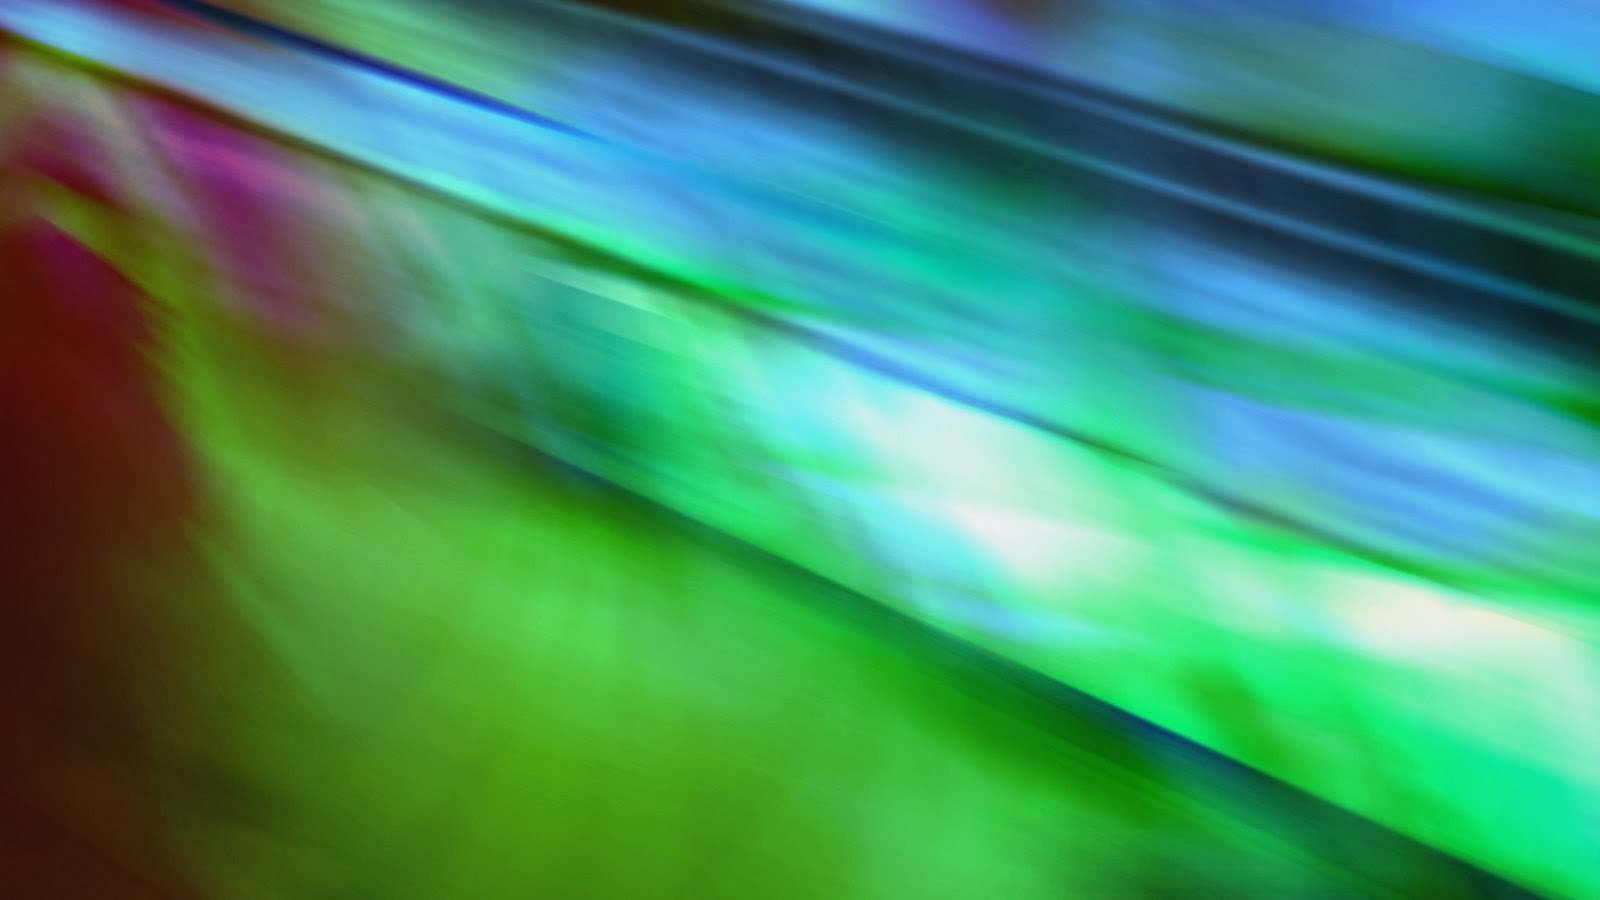 S Hd Image Wallpaper: Kleurrijke HD Achtergronden